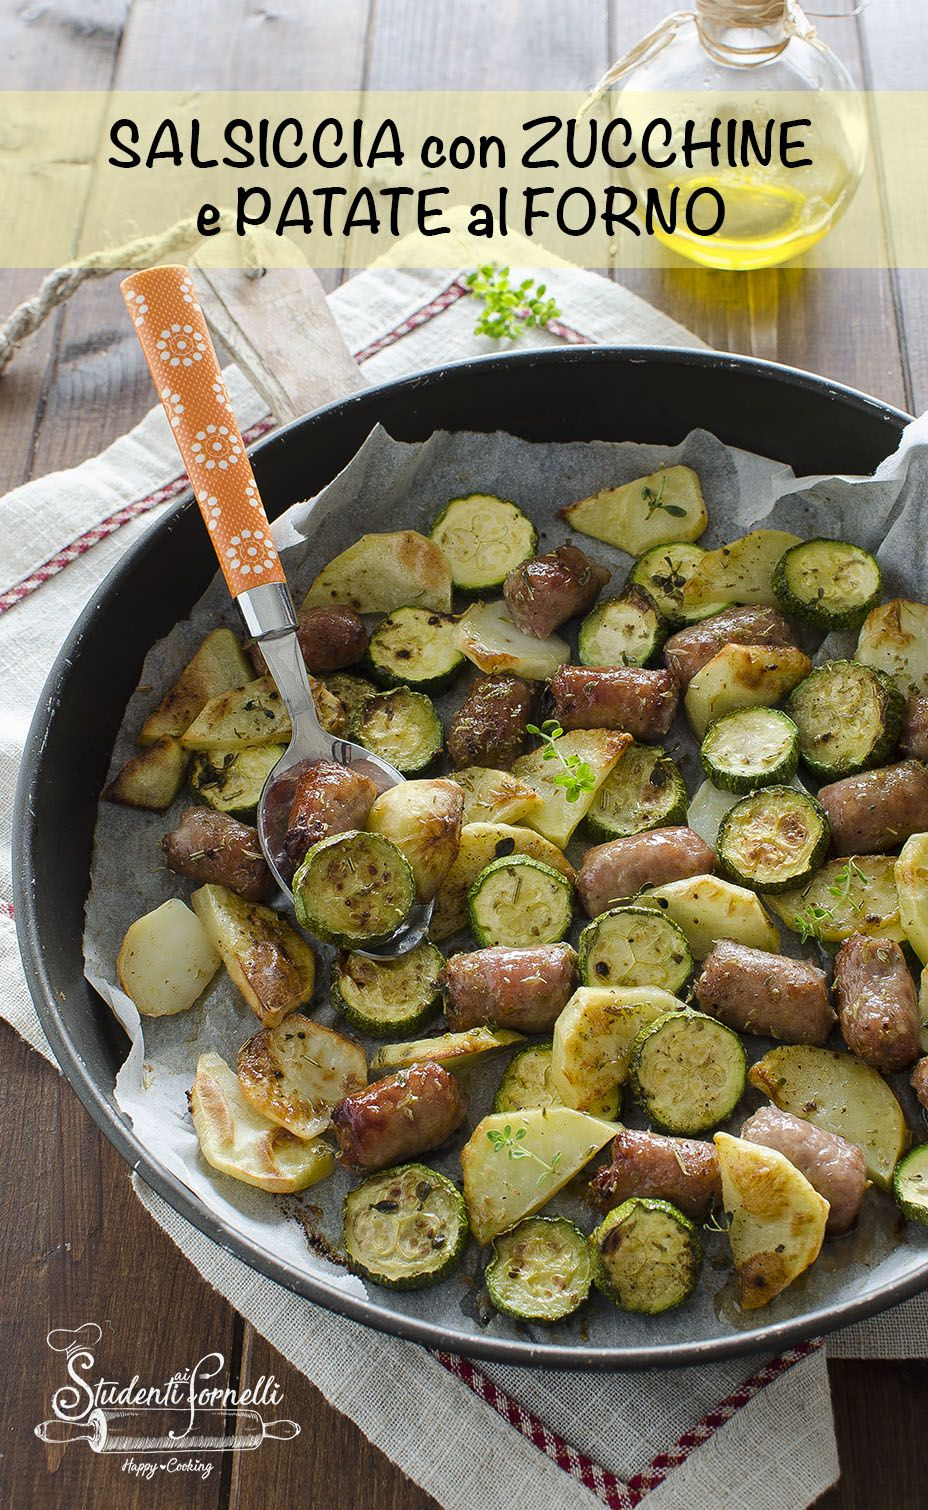 Ricetta Veloce Con Zucchine.Salsiccia Zucchine E Patate In Friggitrice Ad Aria Facile E Veloce Ricetta Ricette Ricette Contorni Piatti Di Cucina